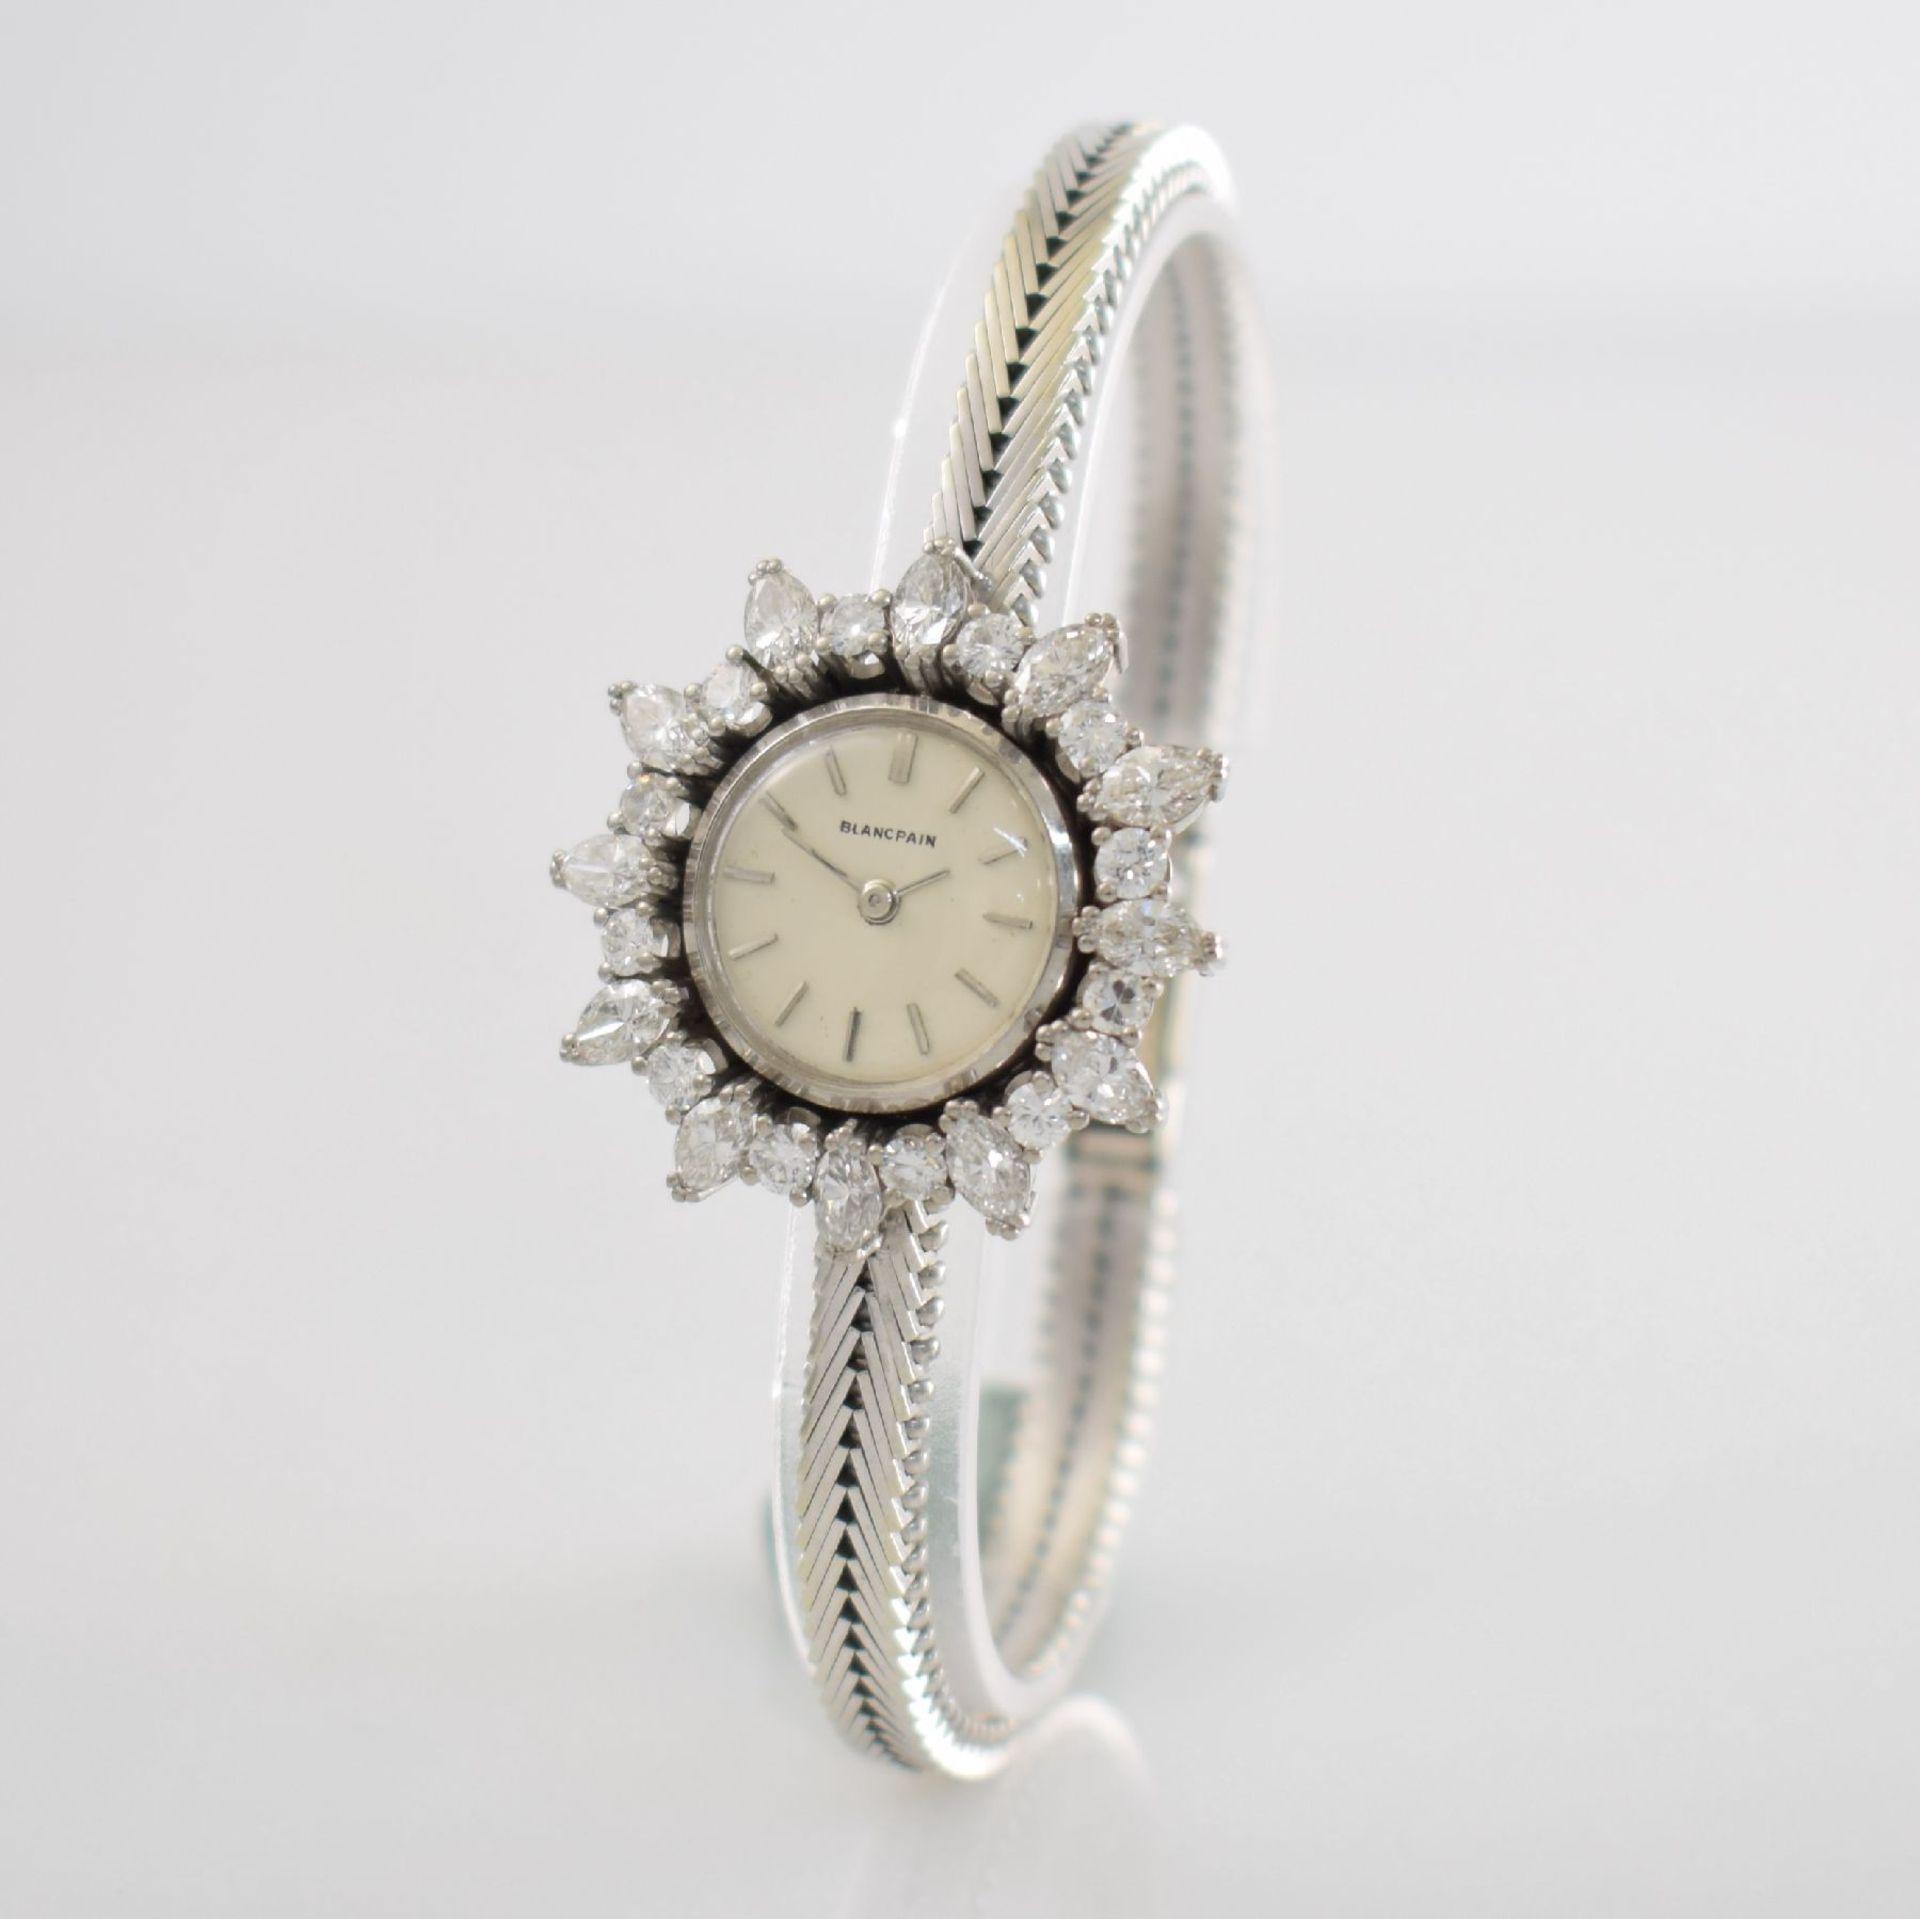 BLANCPAIN ausgefallene Damenarmbanduhr in WG 750/000 mit Diamantenbesatz zus. ca. 2,5 ct, Schweiz - Bild 3 aus 8